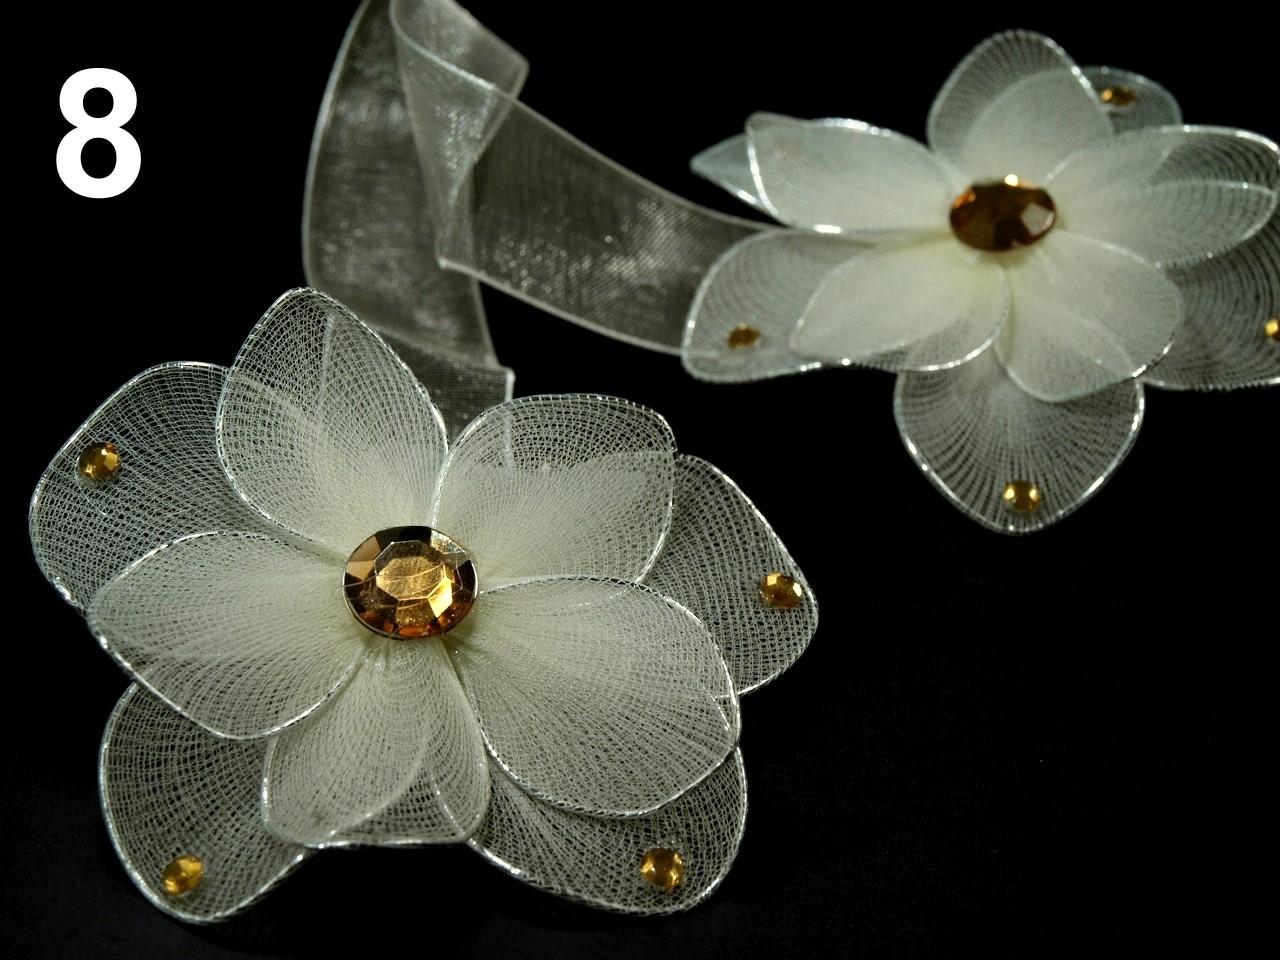 Ozdobná spona na závěsy s magnetem rozměr 8x33cm květina 12ks - 28 Kč / ks 8 béžová sv.